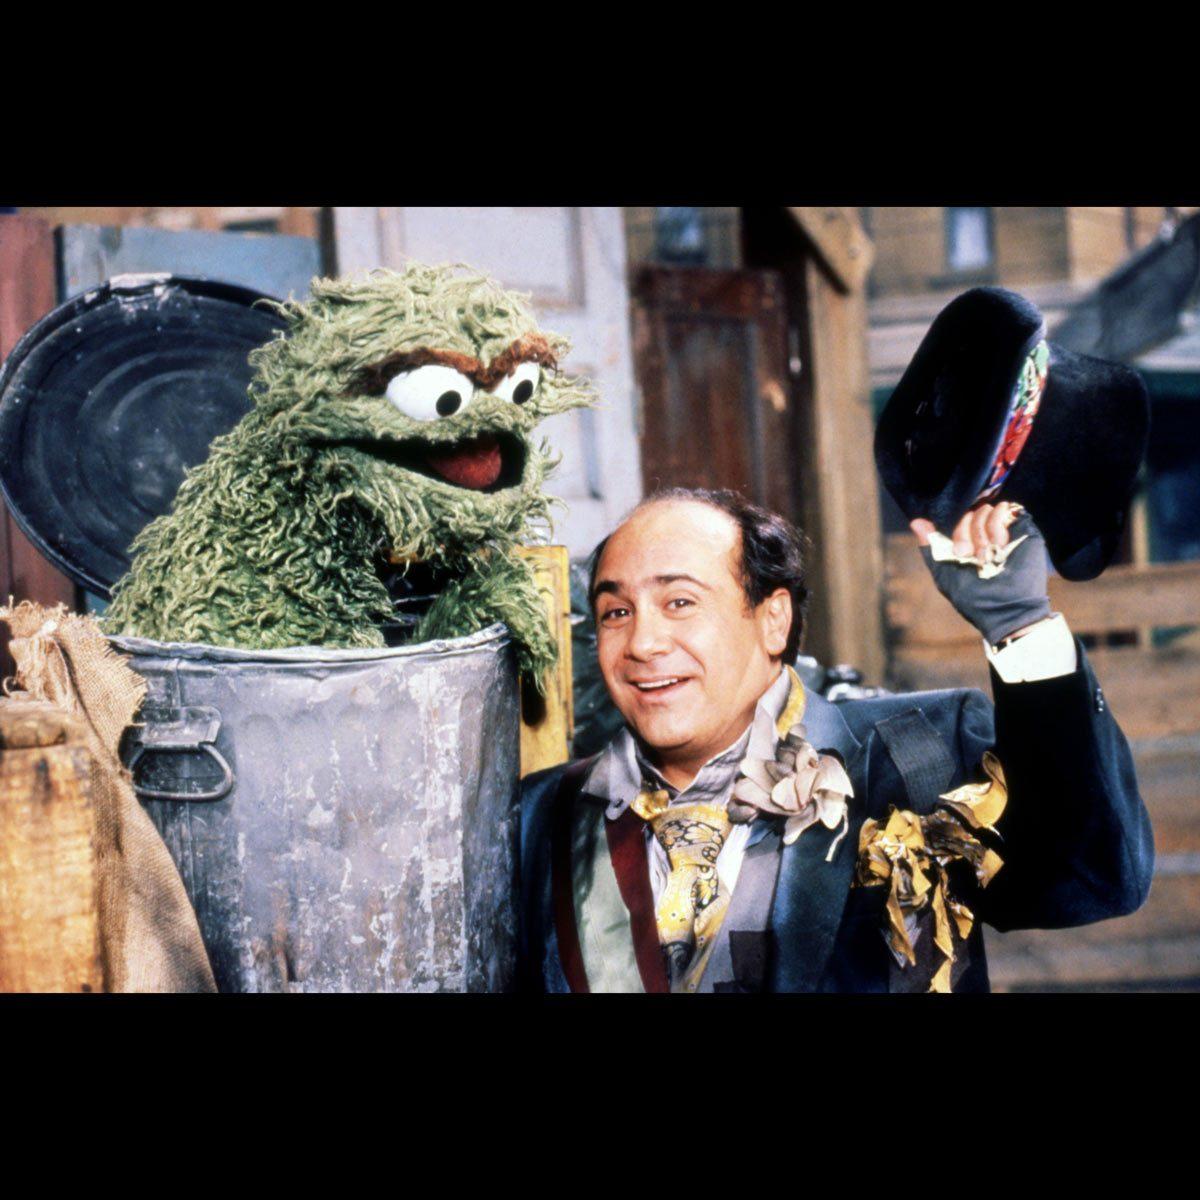 Oscar the Grouch trash can